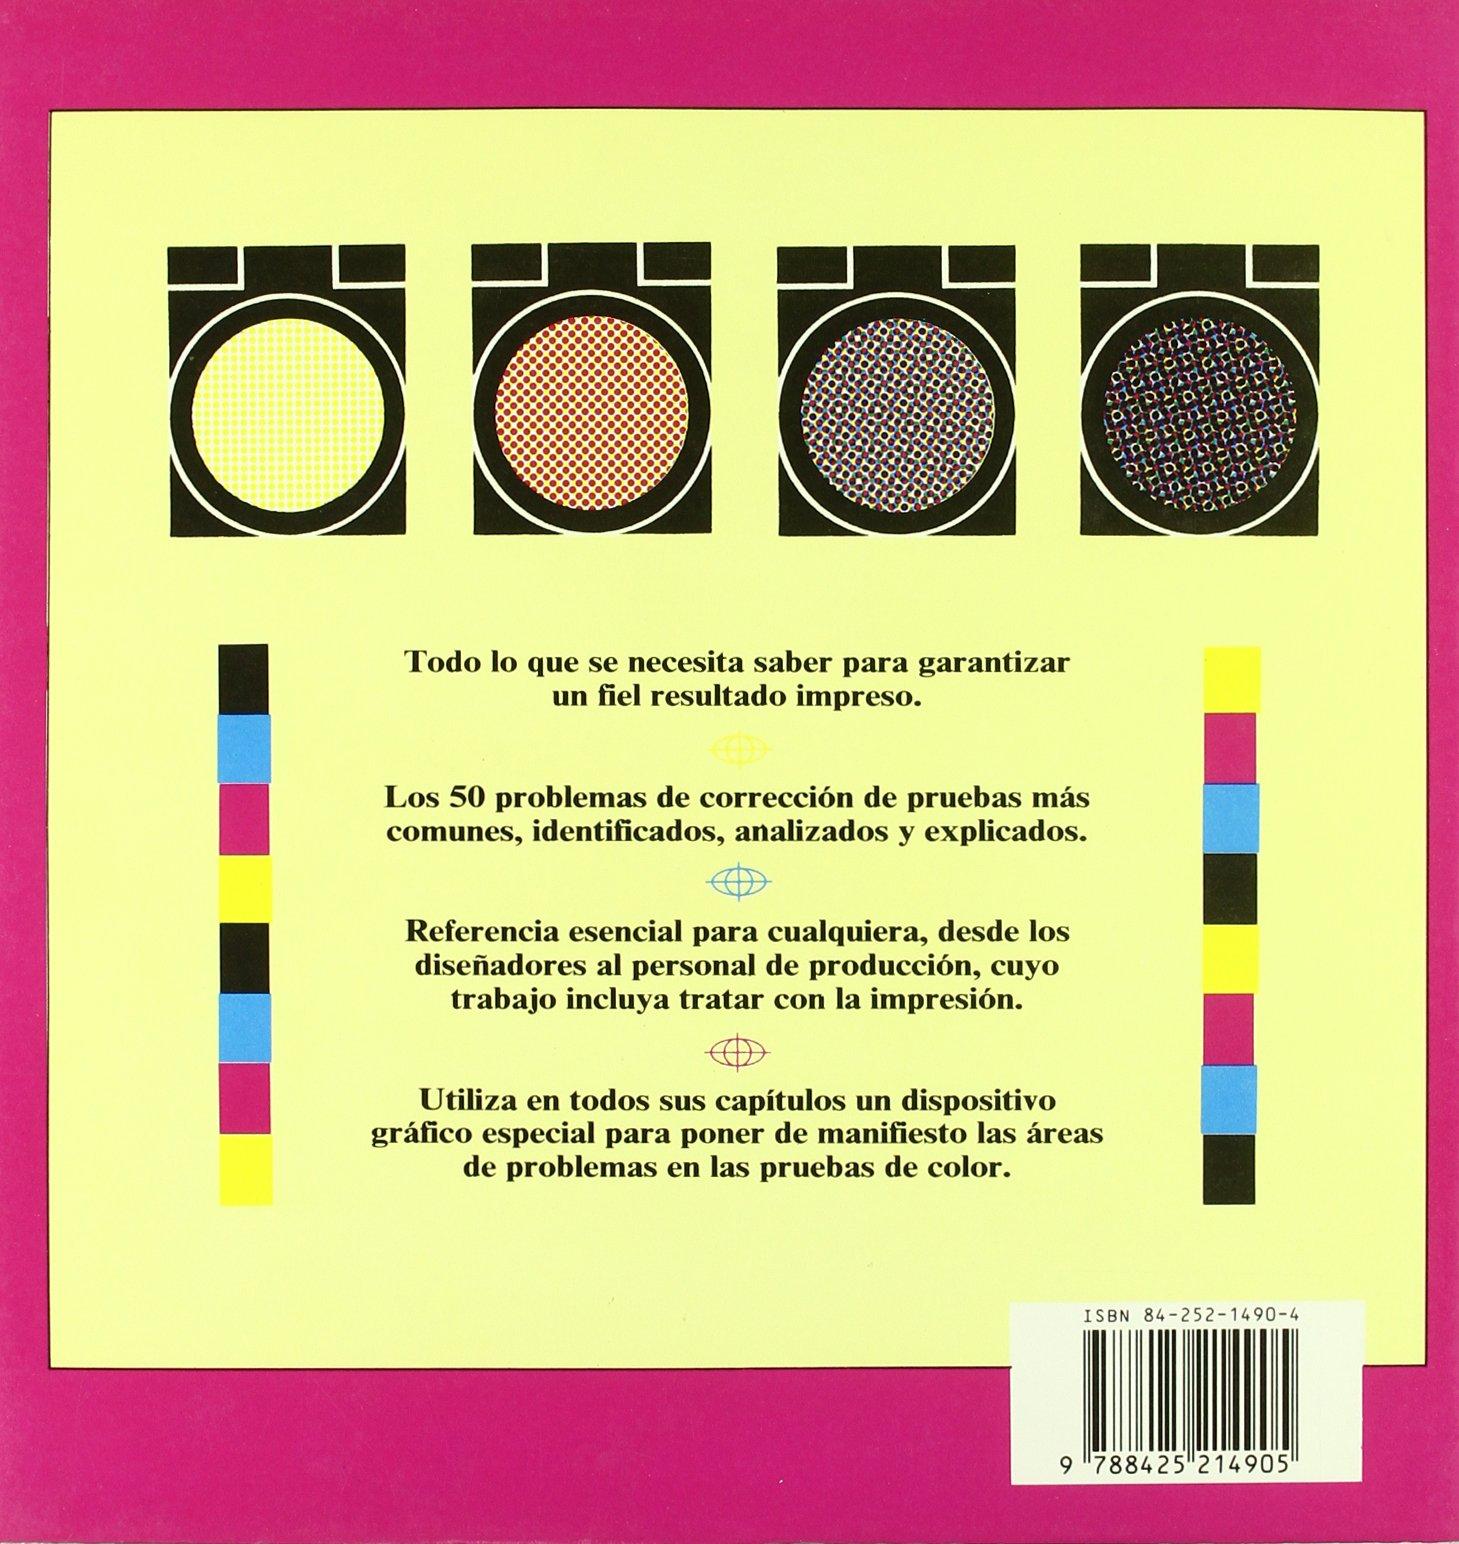 Como Corregir Pruebas En Color: Amazon.es: David Bann, John Gargan ...